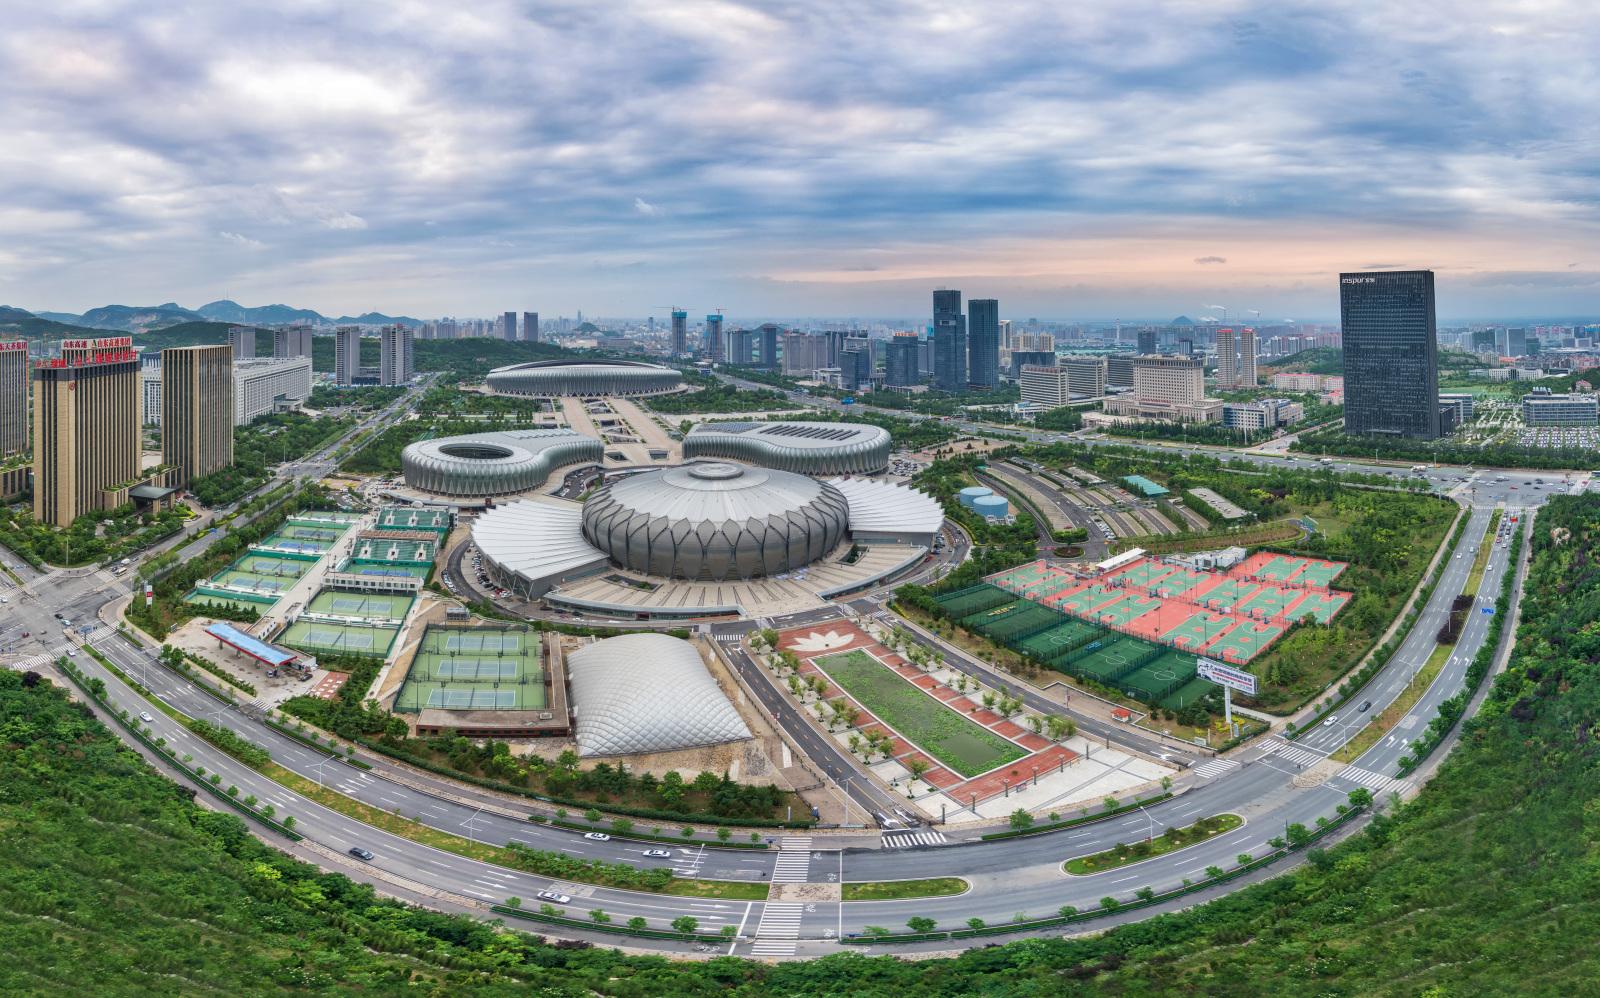 지난올림픽체육센터